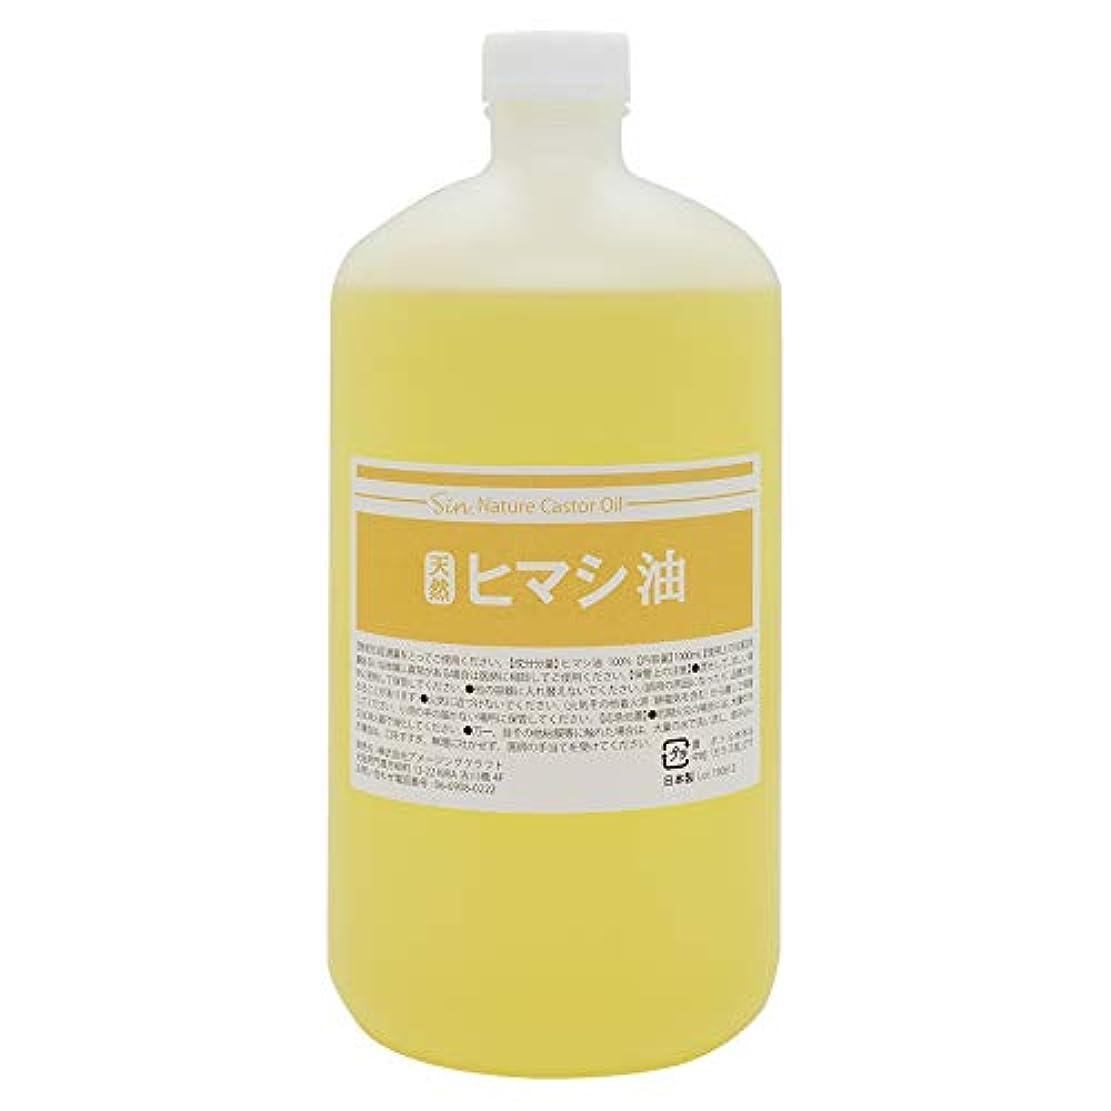 苦再編成する考え天然無添加 国内精製 ひまし油 1000ml (ヒマシ油 キャスターオイル)